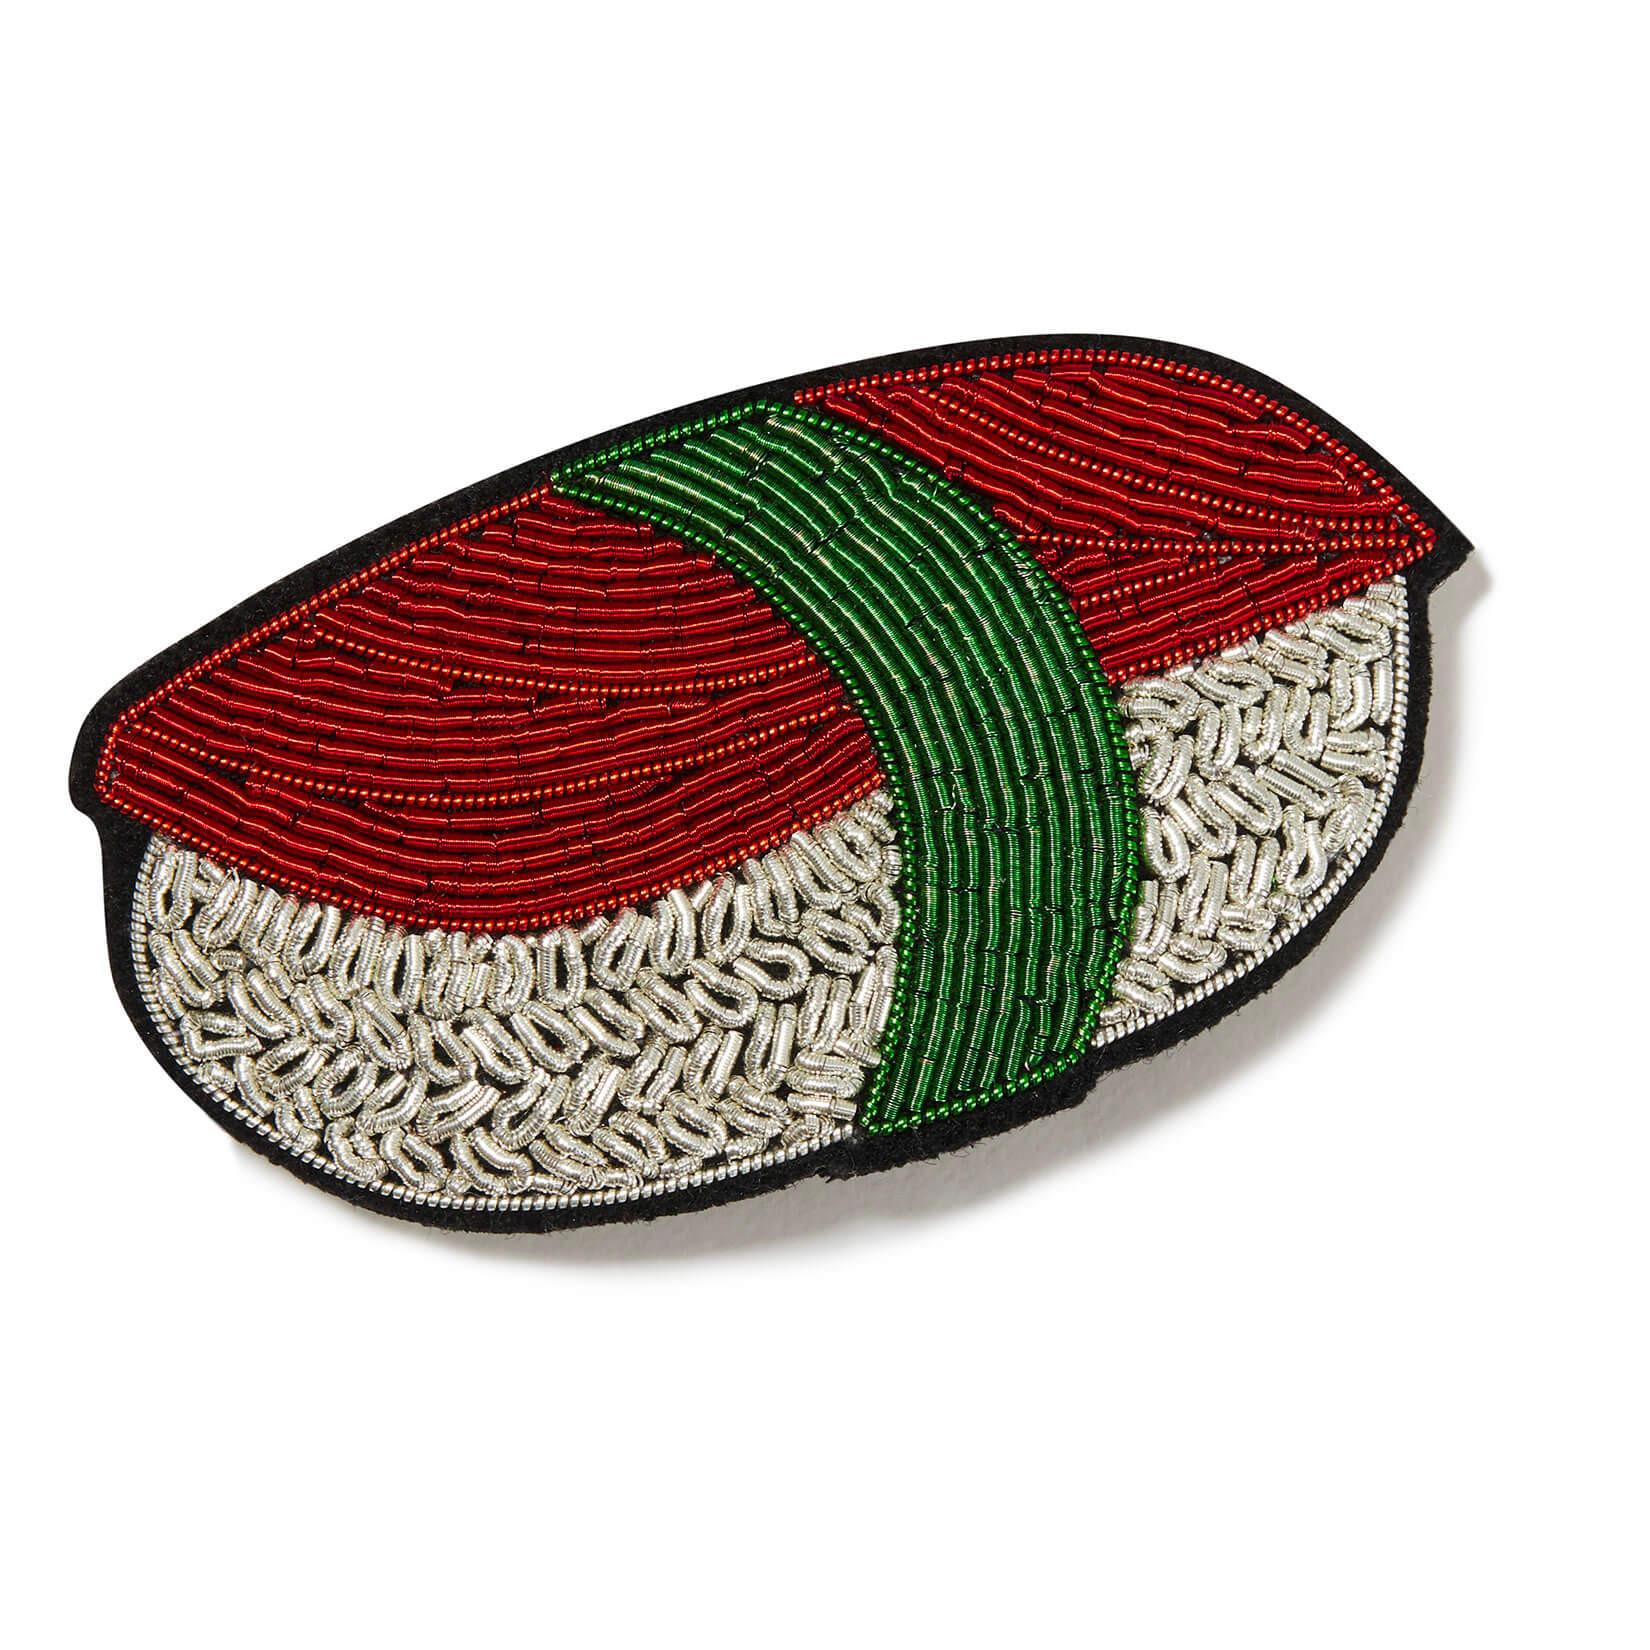 印度丝手工刺绣寿司料理发夹头饰,他们的黑匣子会保留秘密,以防万一!